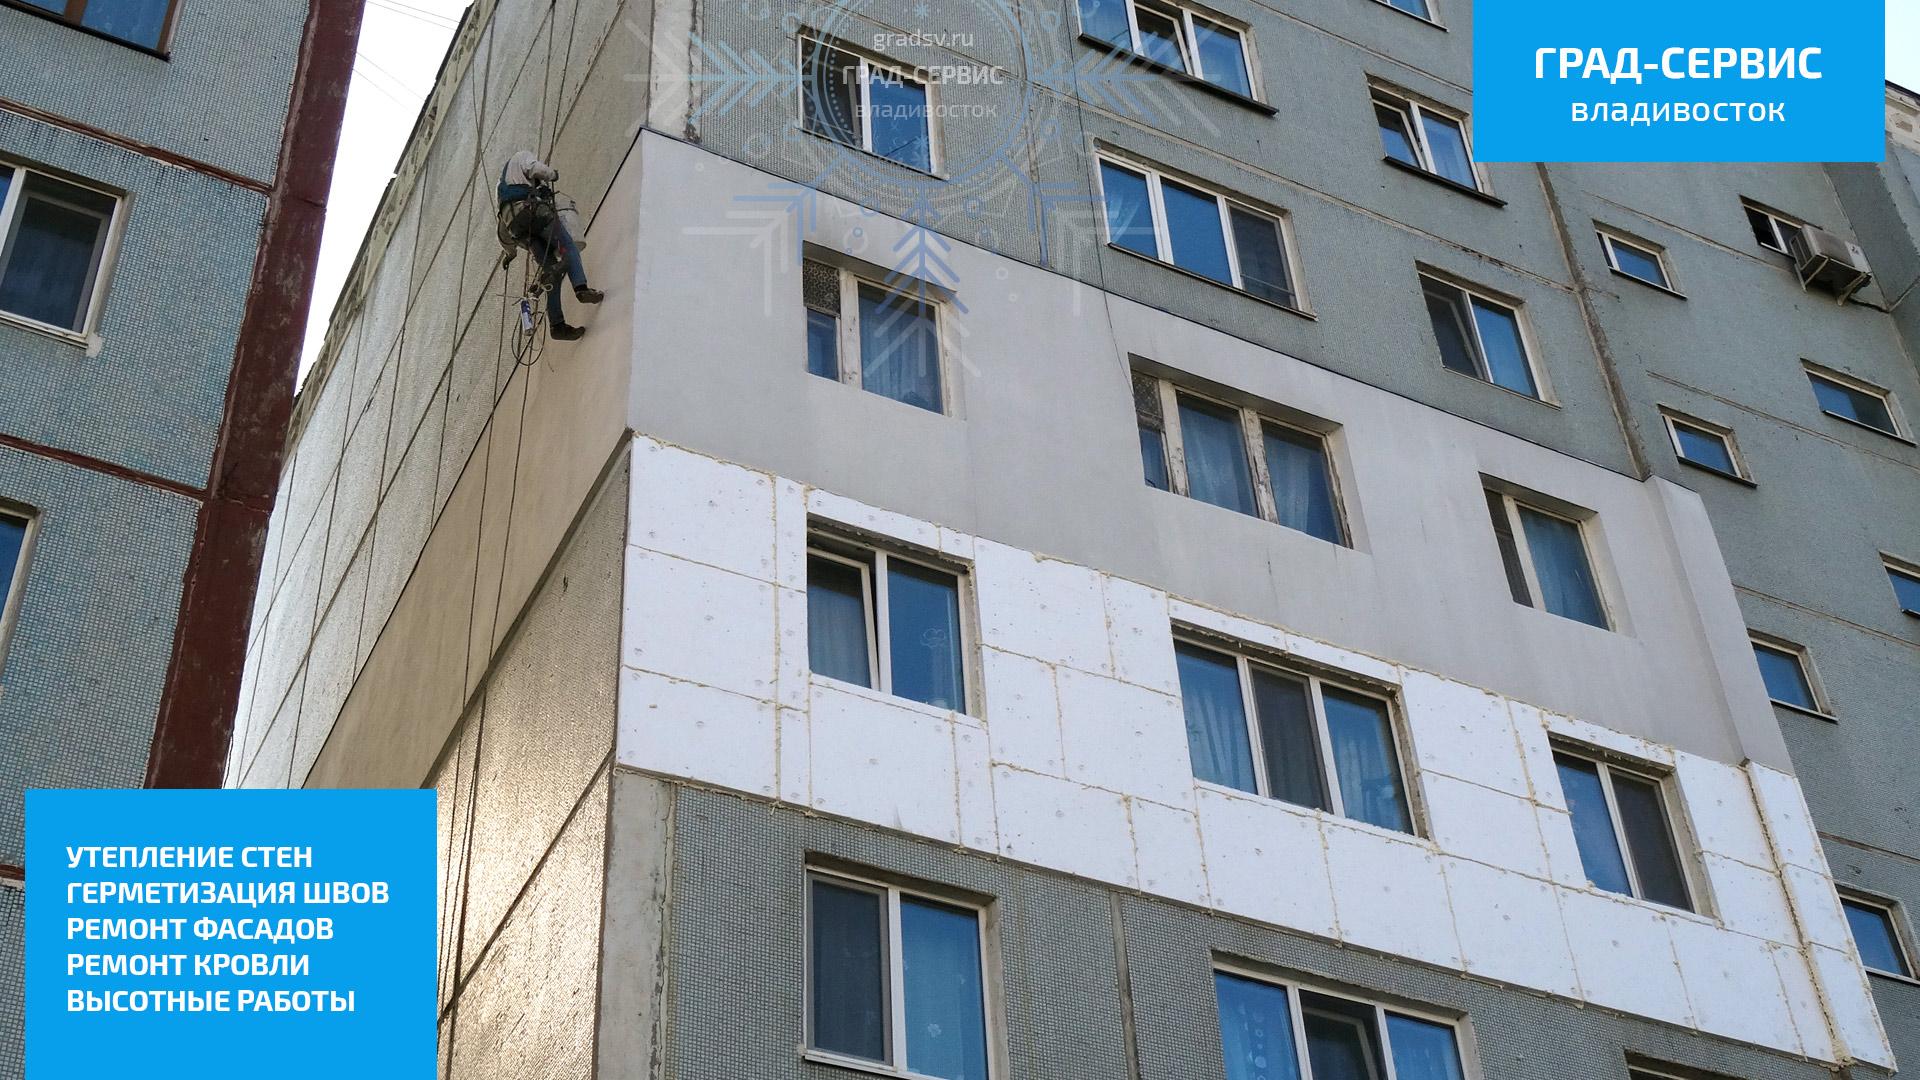 Утепление стен панельных домов пенополистиролом